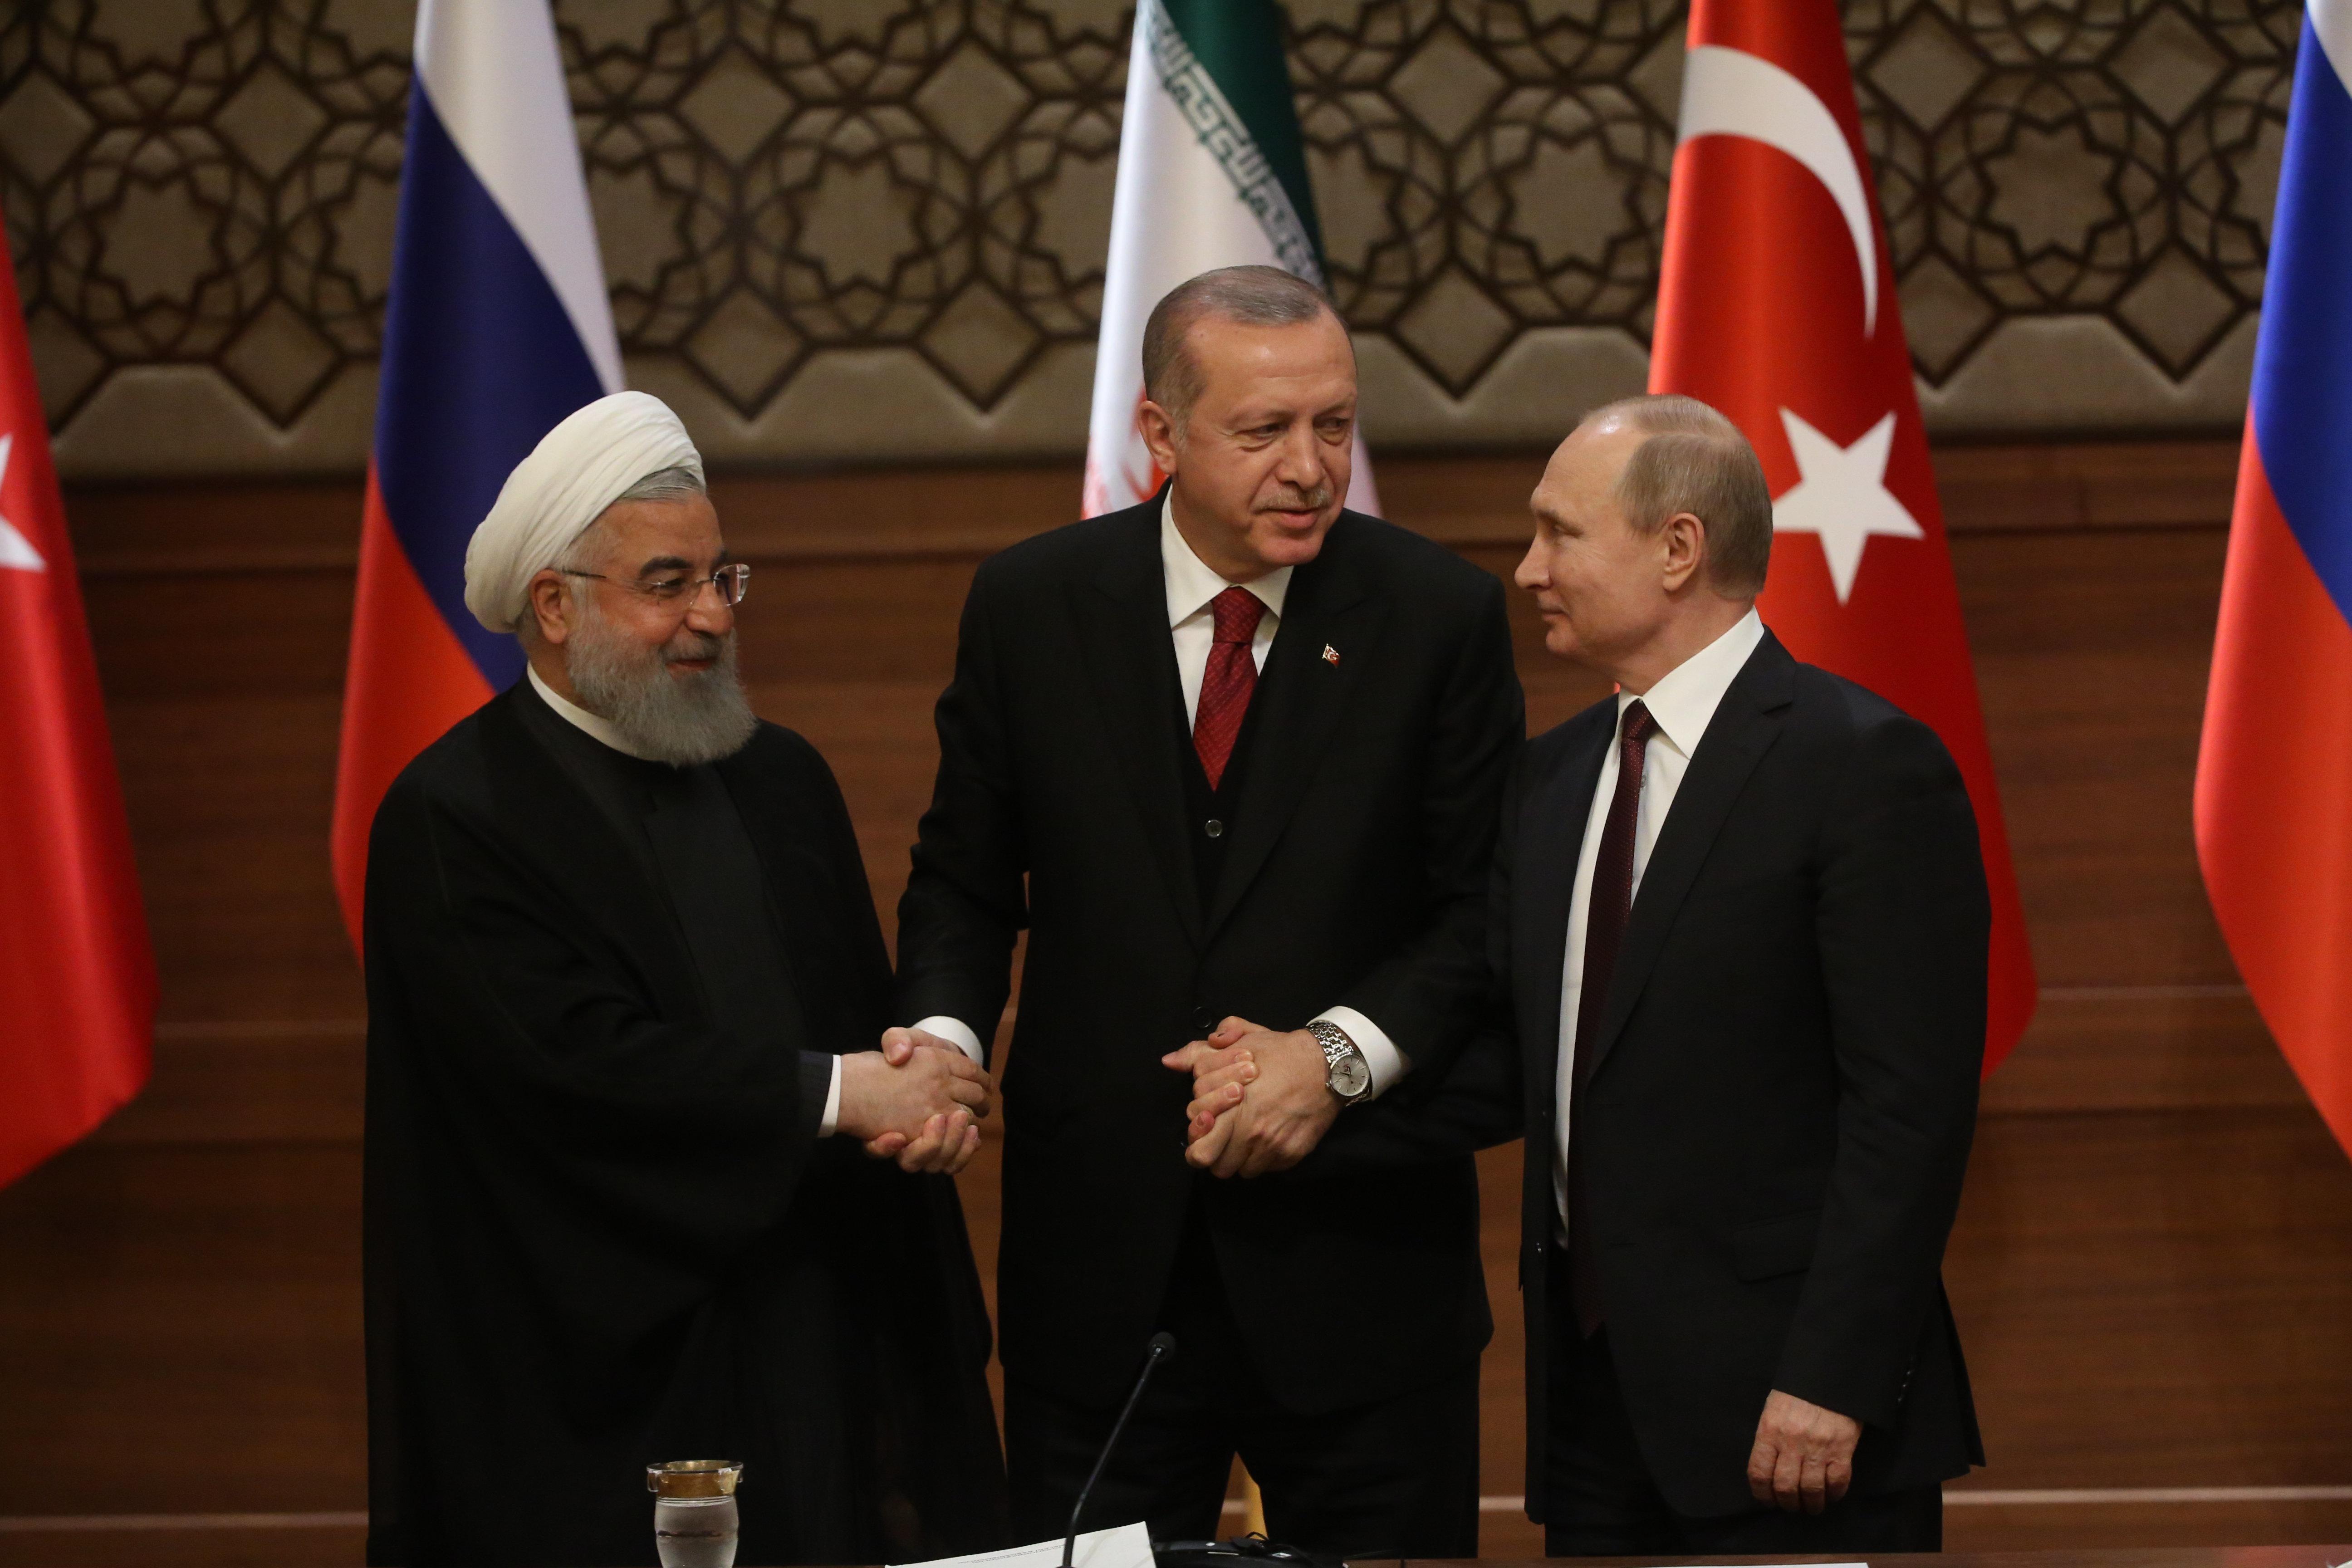 Syrien-Gipfel: Erdogan, Putin und Rohani zeigen sich einträchtig – und hegen verschiedene Interessen